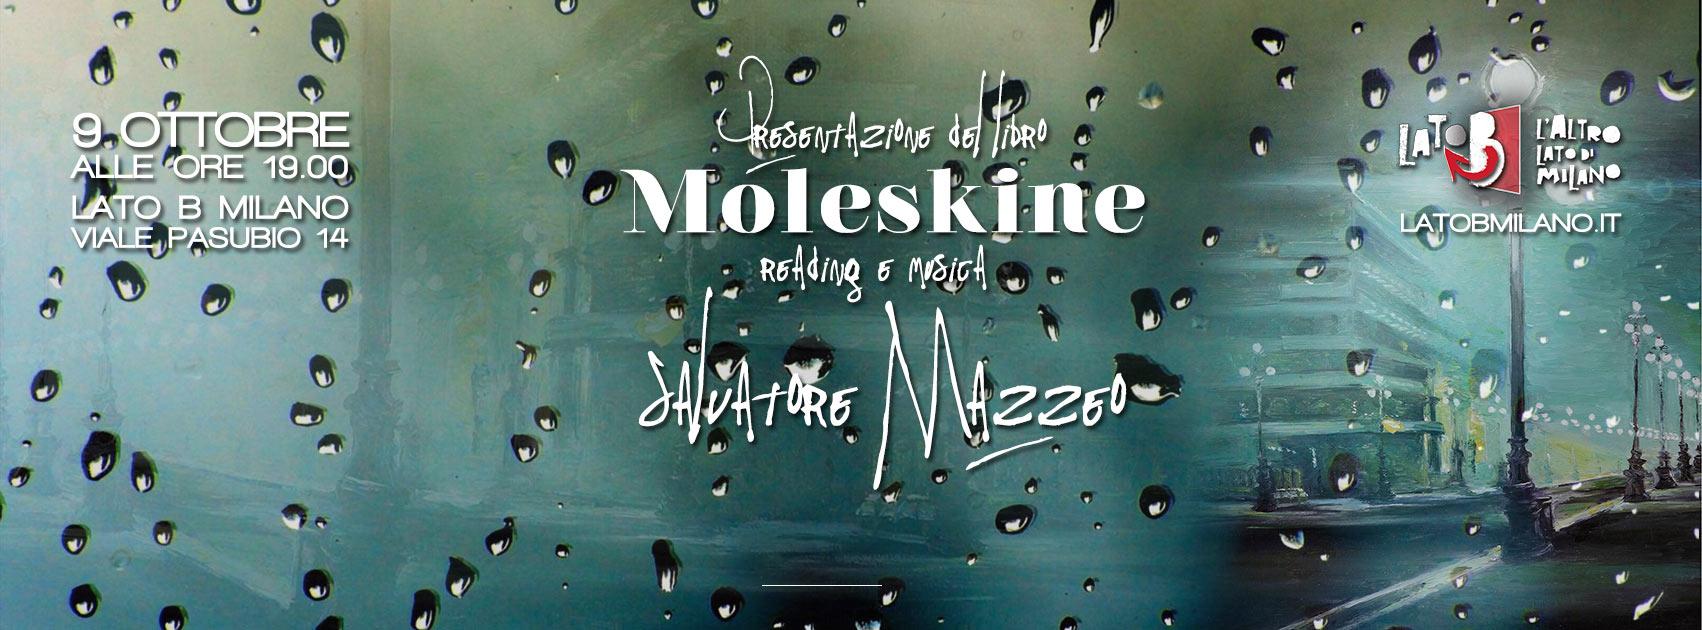 copertina-moleskine1